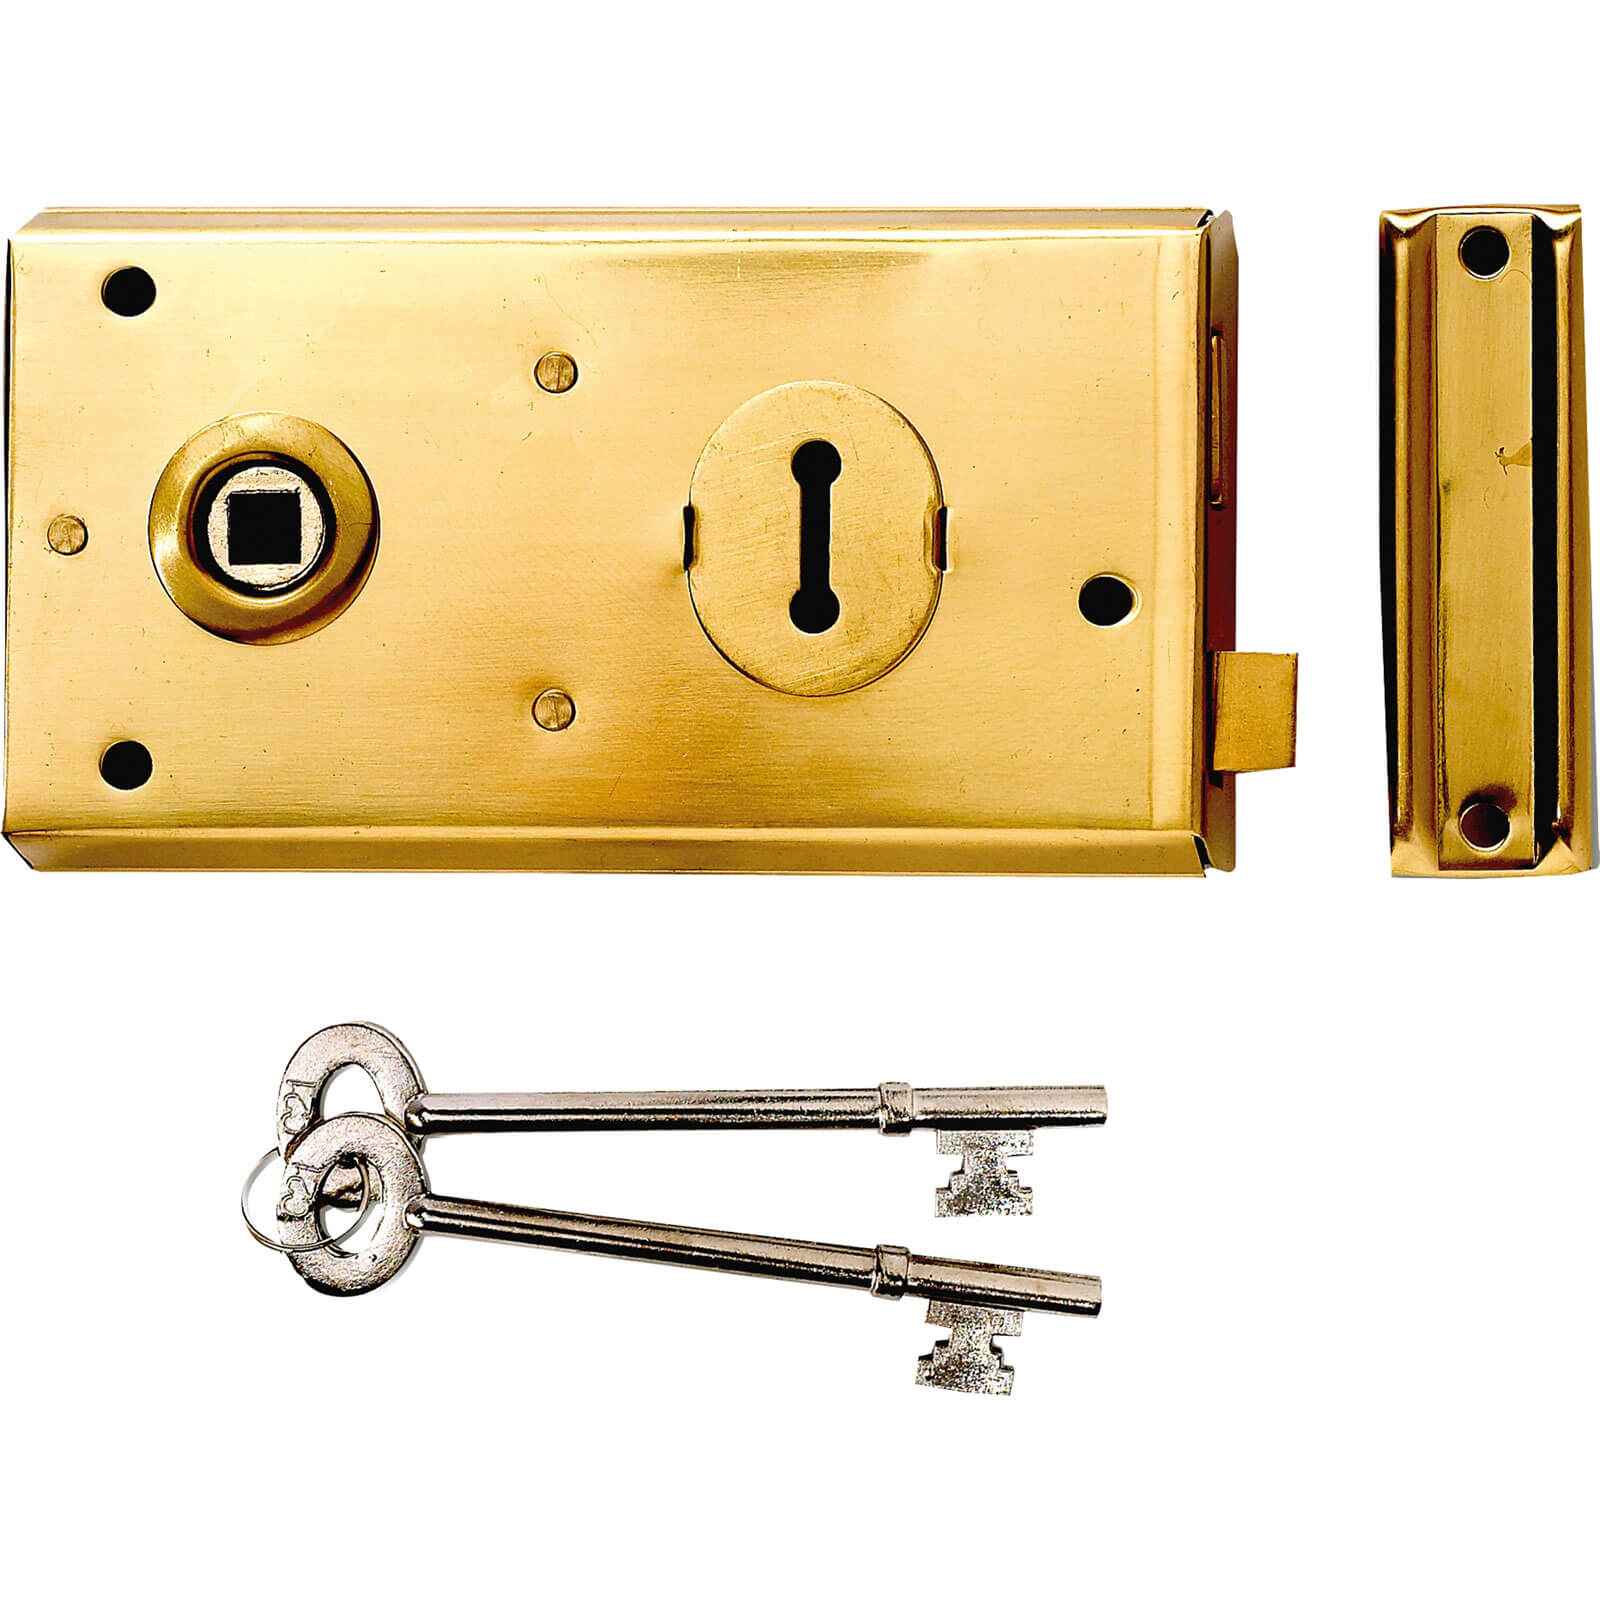 Yale Locks P401 Rim Lock Grey Finish 138 x 76mm